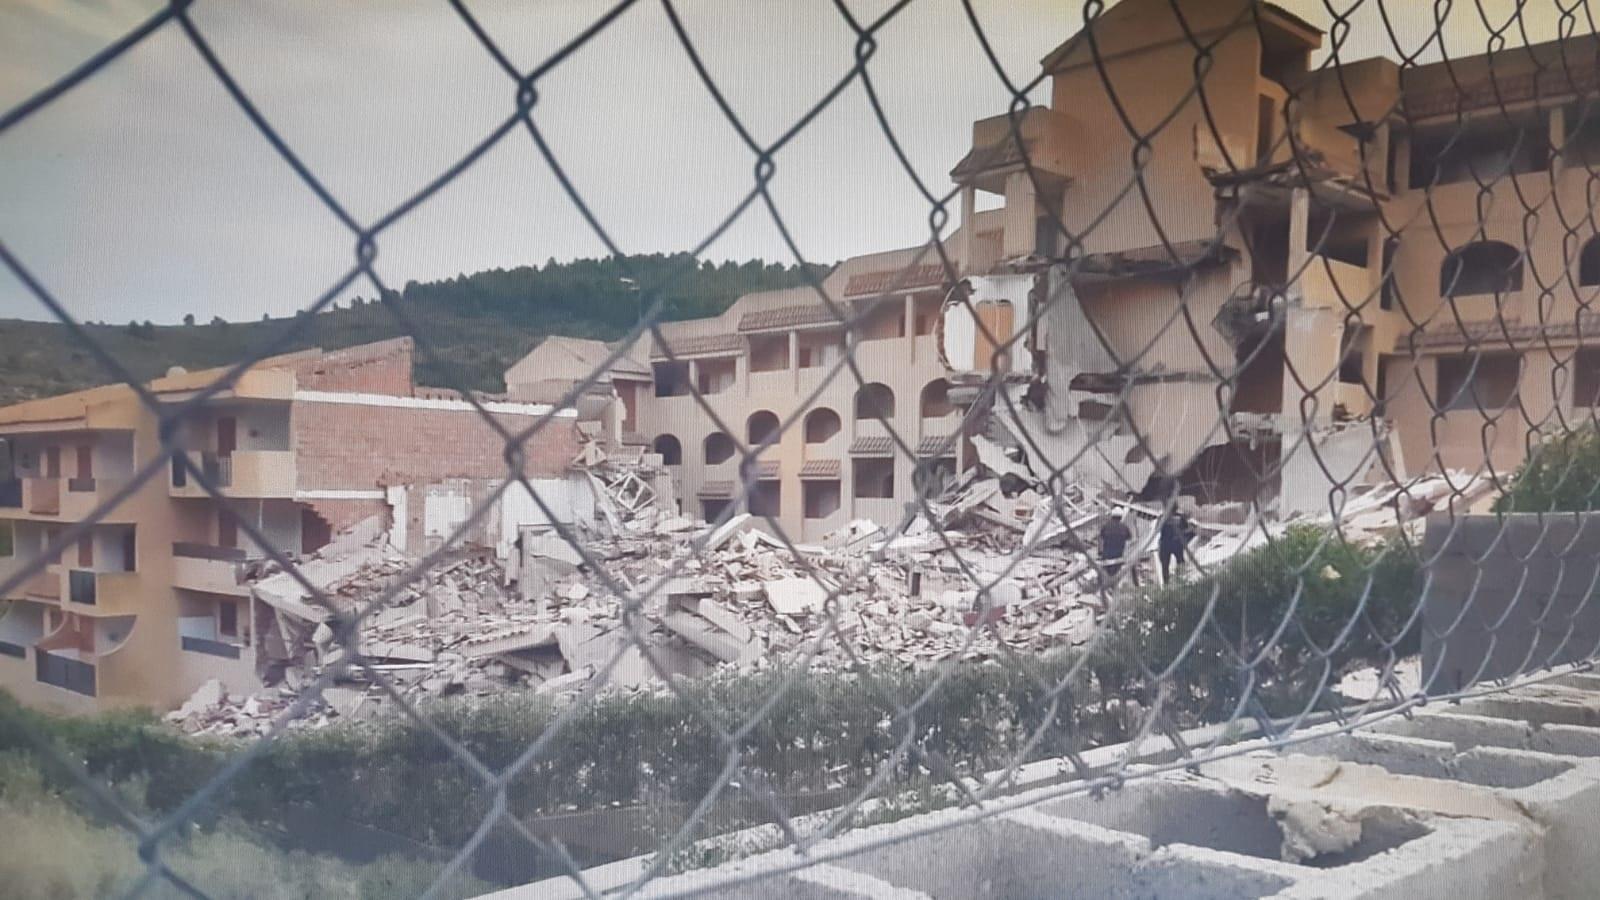 Une partie du bâtiment qui s'est effondrée.